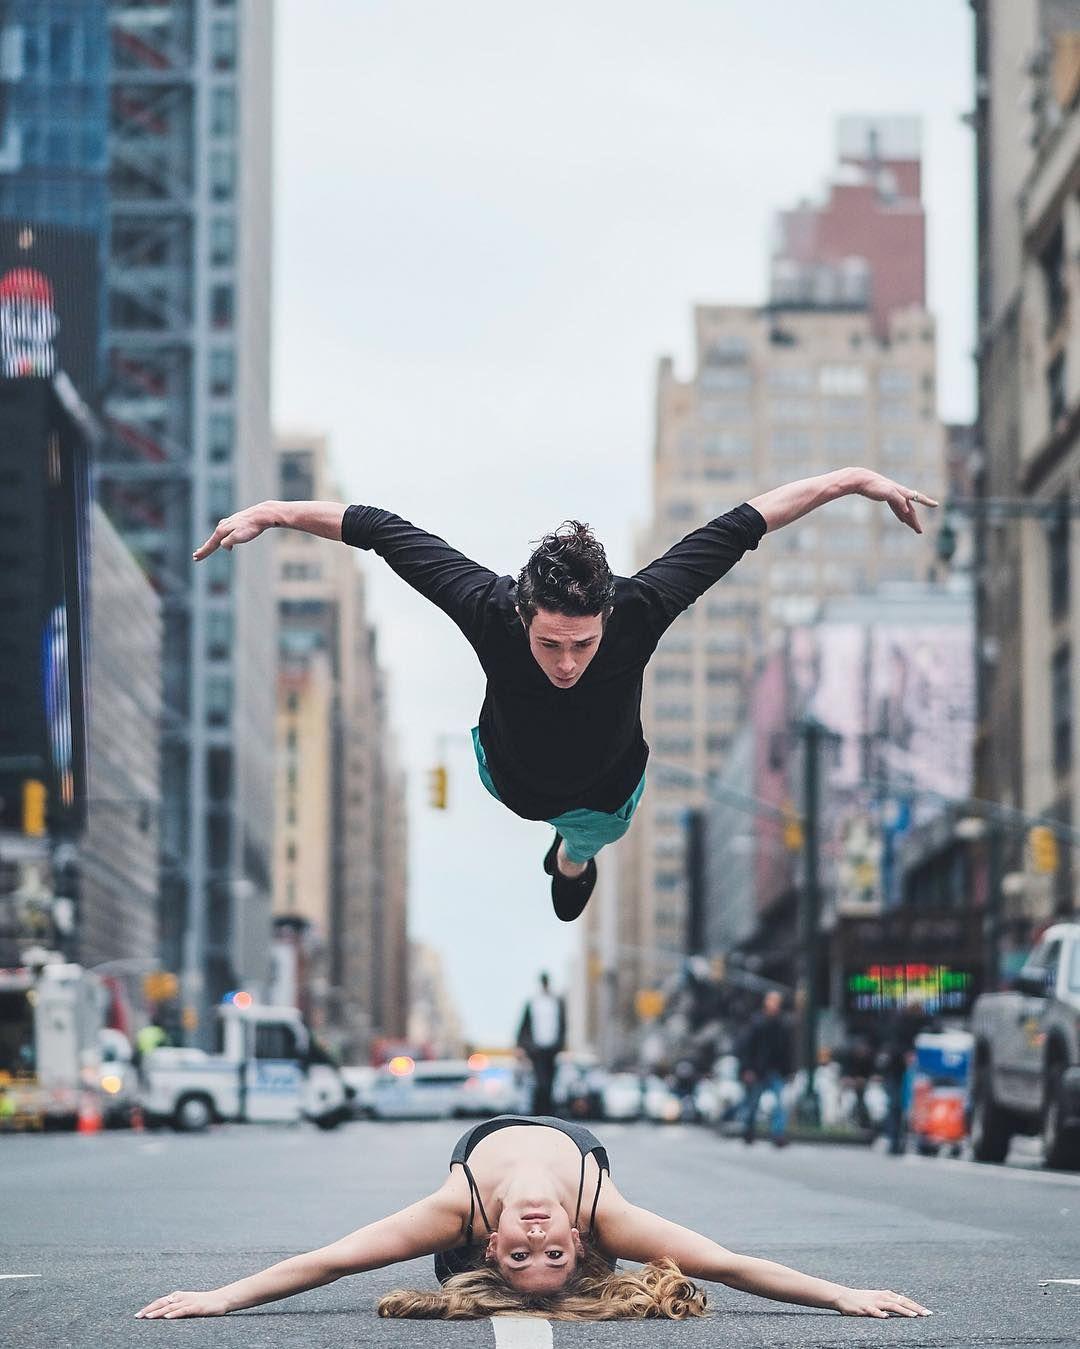 фото людей в движении суть